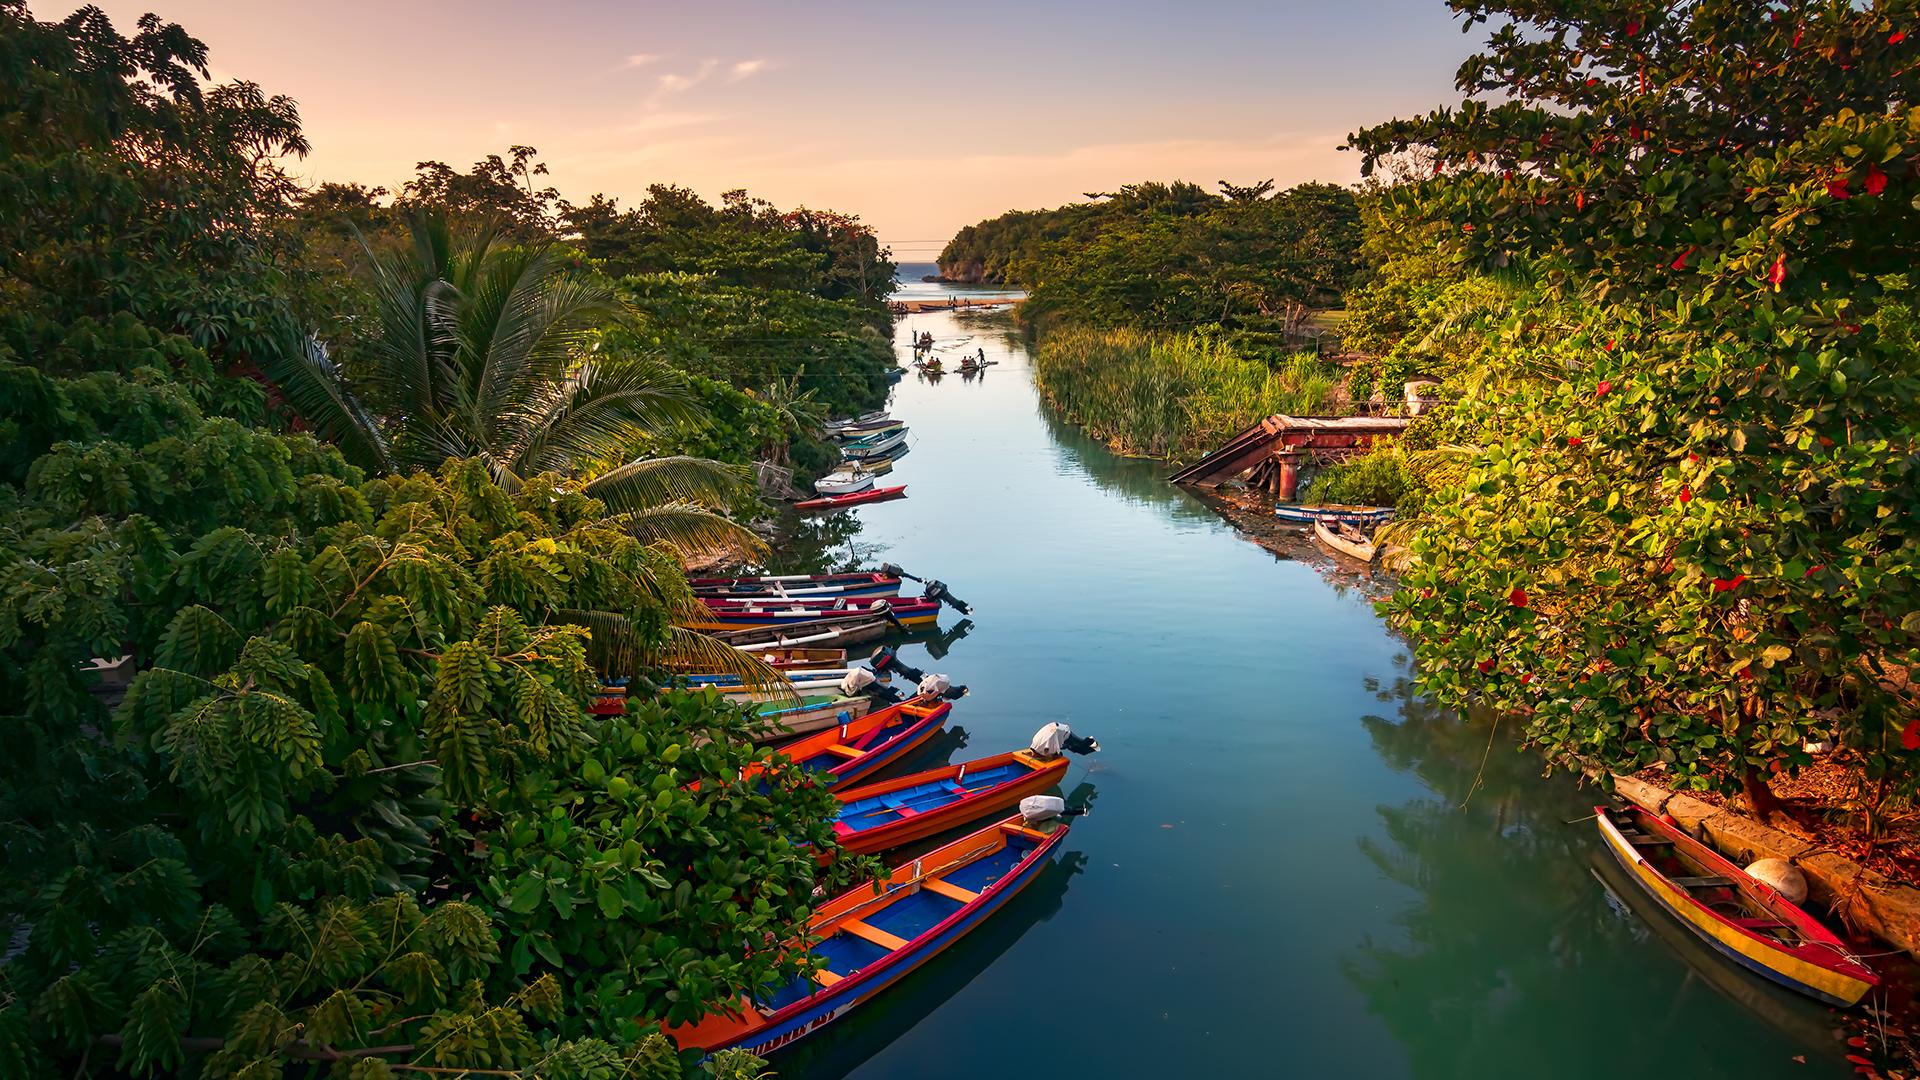 Incluso en una región repleta de joyas como el Caribe, Jamaica es una isla poderosamente hermosa.Desde las aguas cristalinas que fluyen sobre jardines de coral, que se sumergen en playas de arena suave,hasta losexuberantes bosques de plátanos en las montañas escarpadas